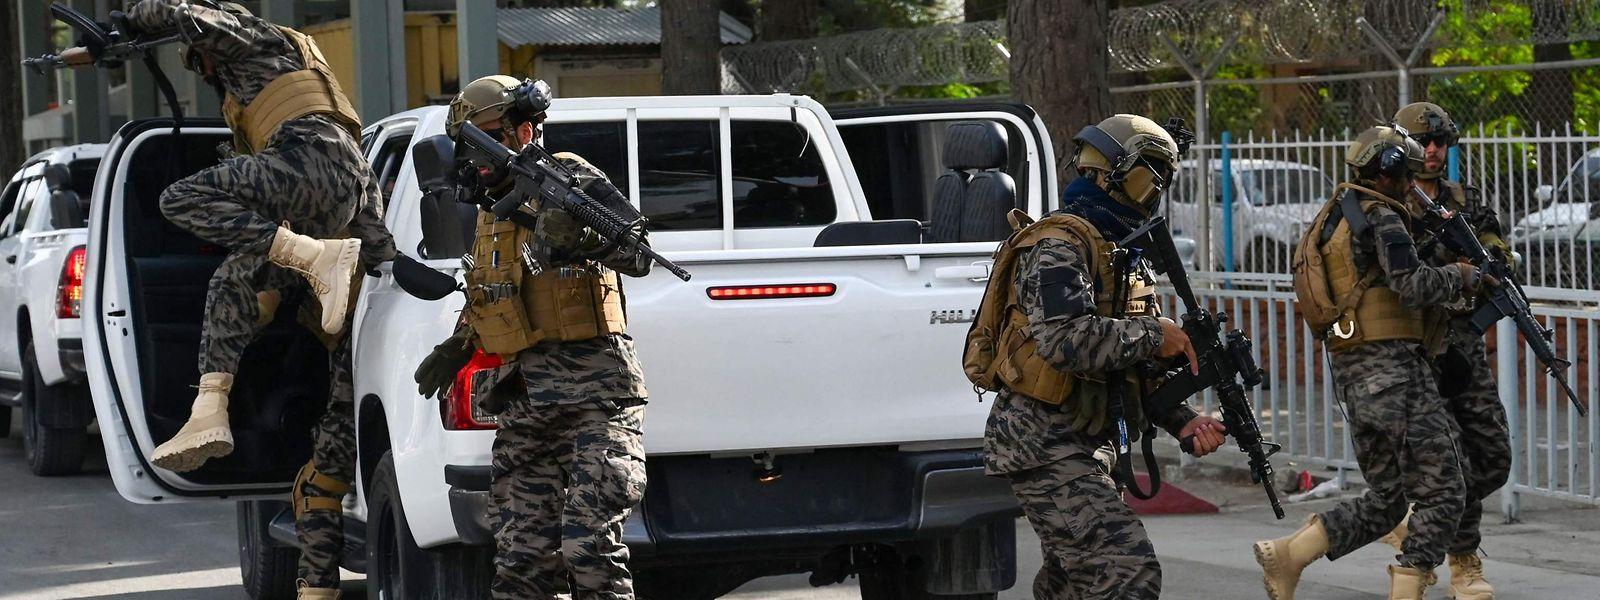 Après le décollage du dernier avion américain, des combattants des forces spéciales Taliban Badri se sont déployés à l'aéroport de Kaboul.